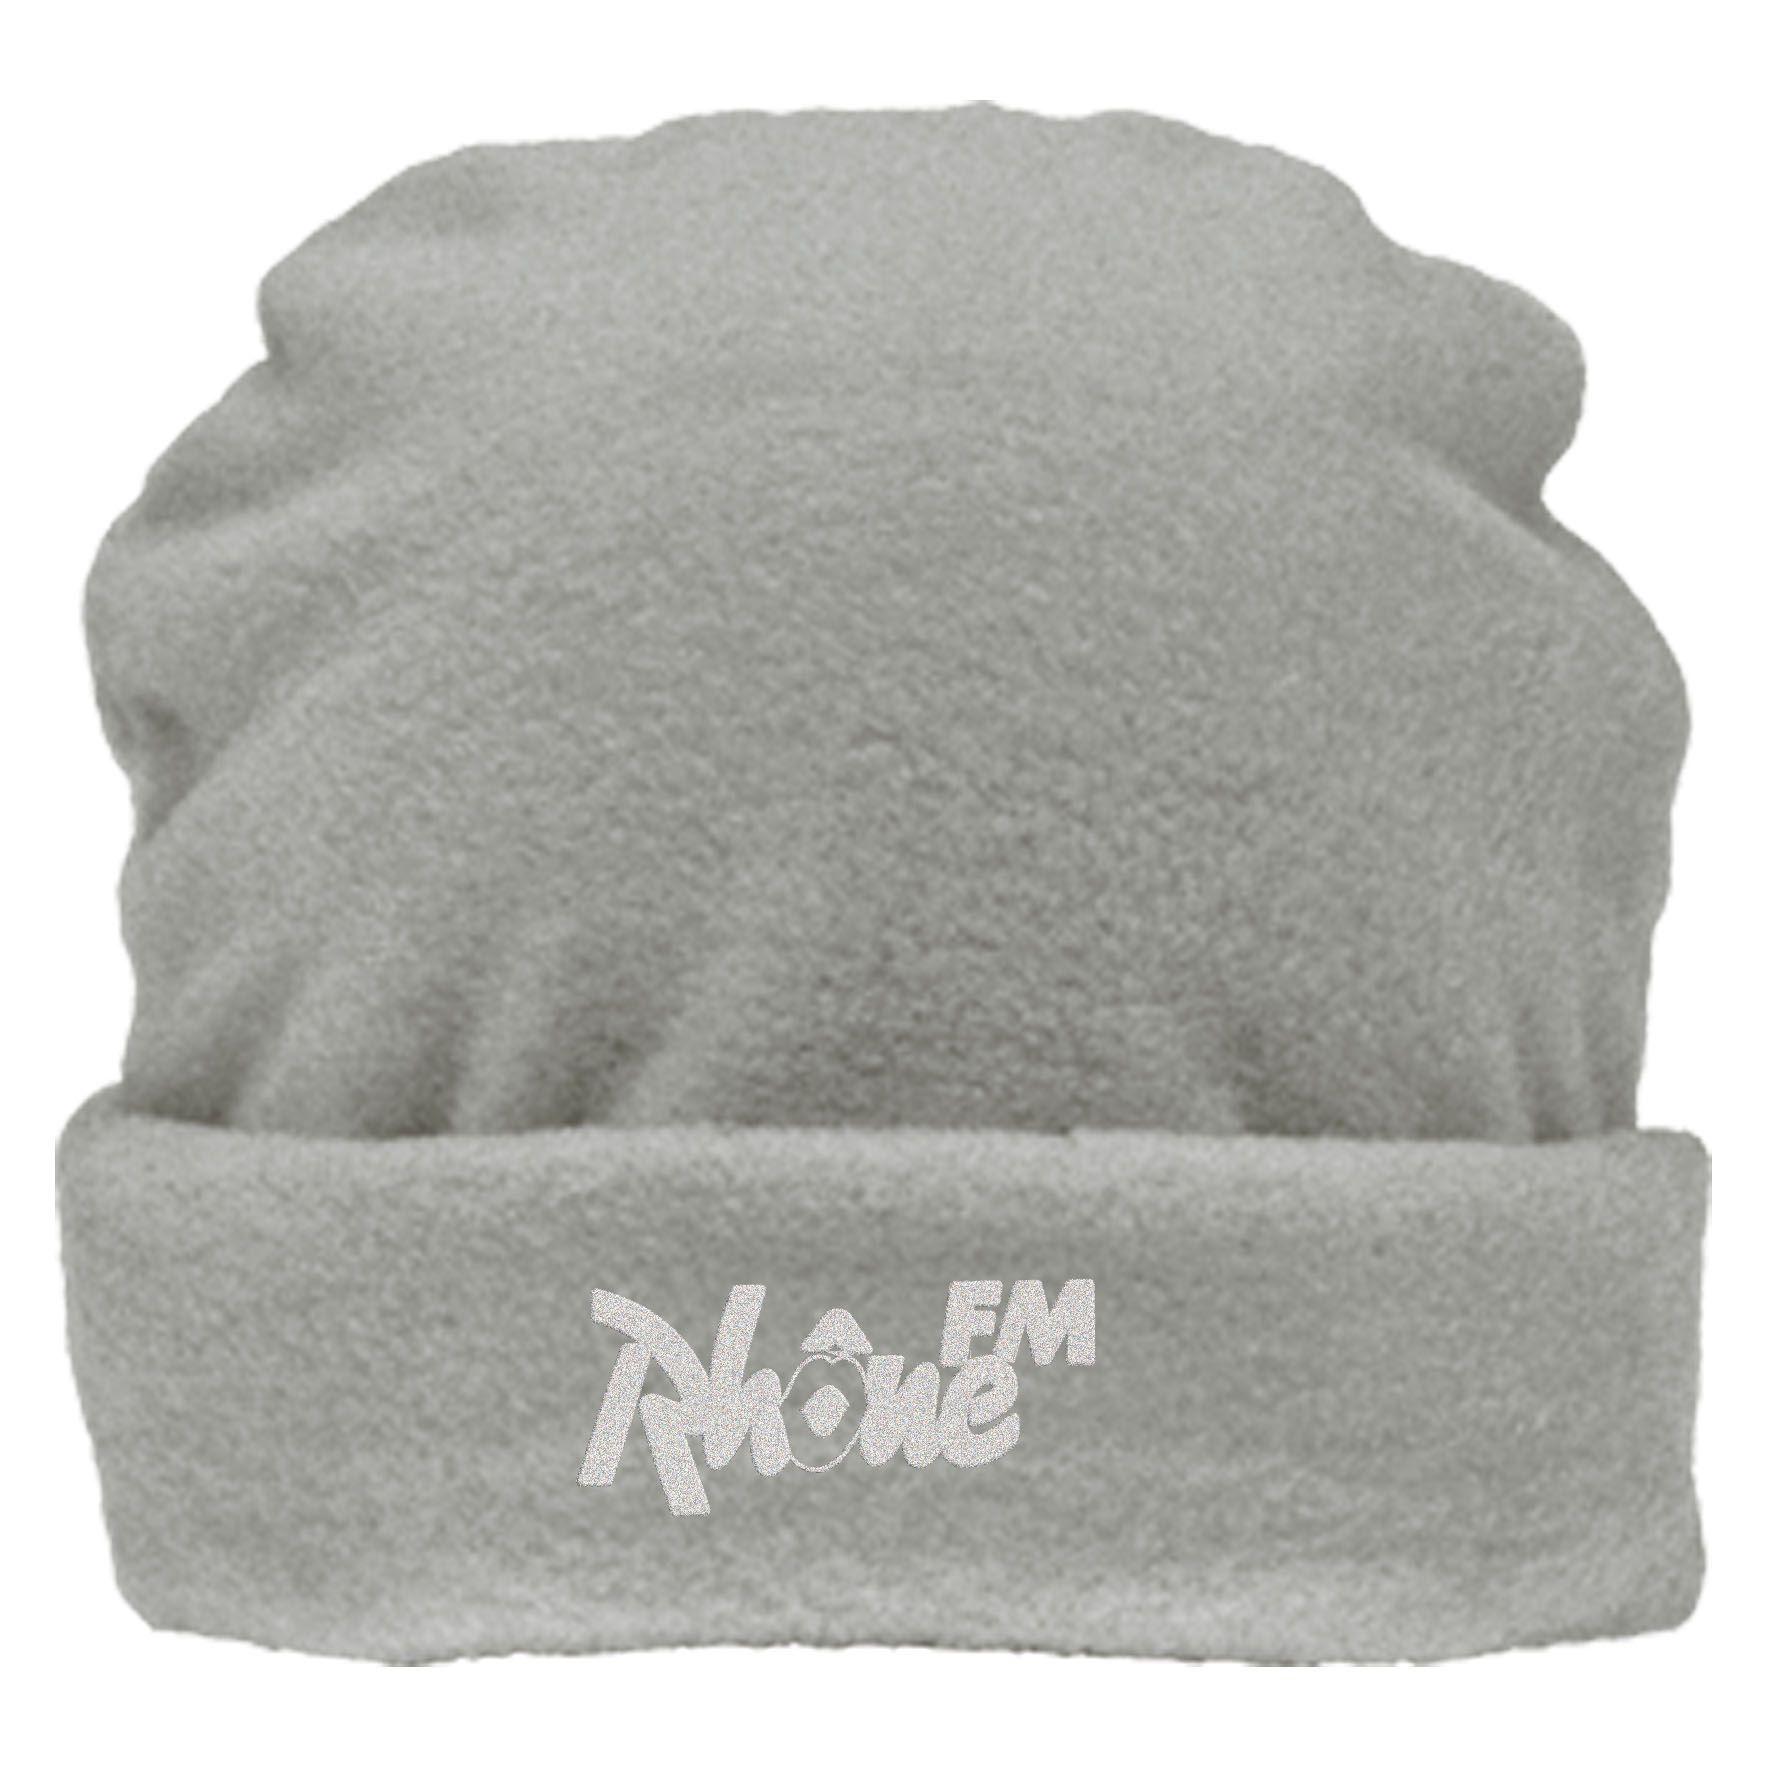 Bonnet publicitaire polaire M - Cadeau d'entreprise hiver